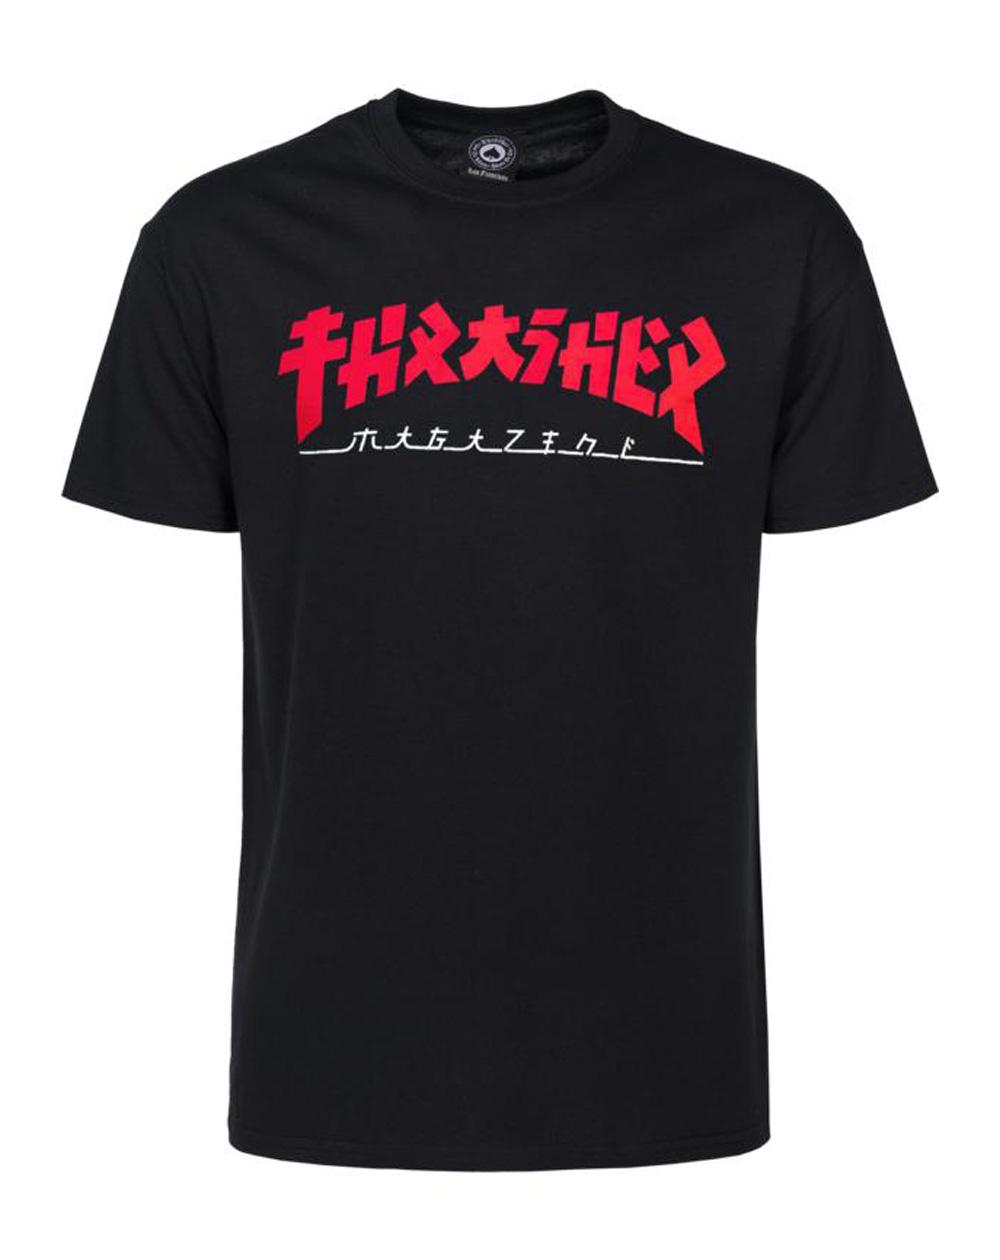 Thrasher Men's T-Shirt Godzilla Black